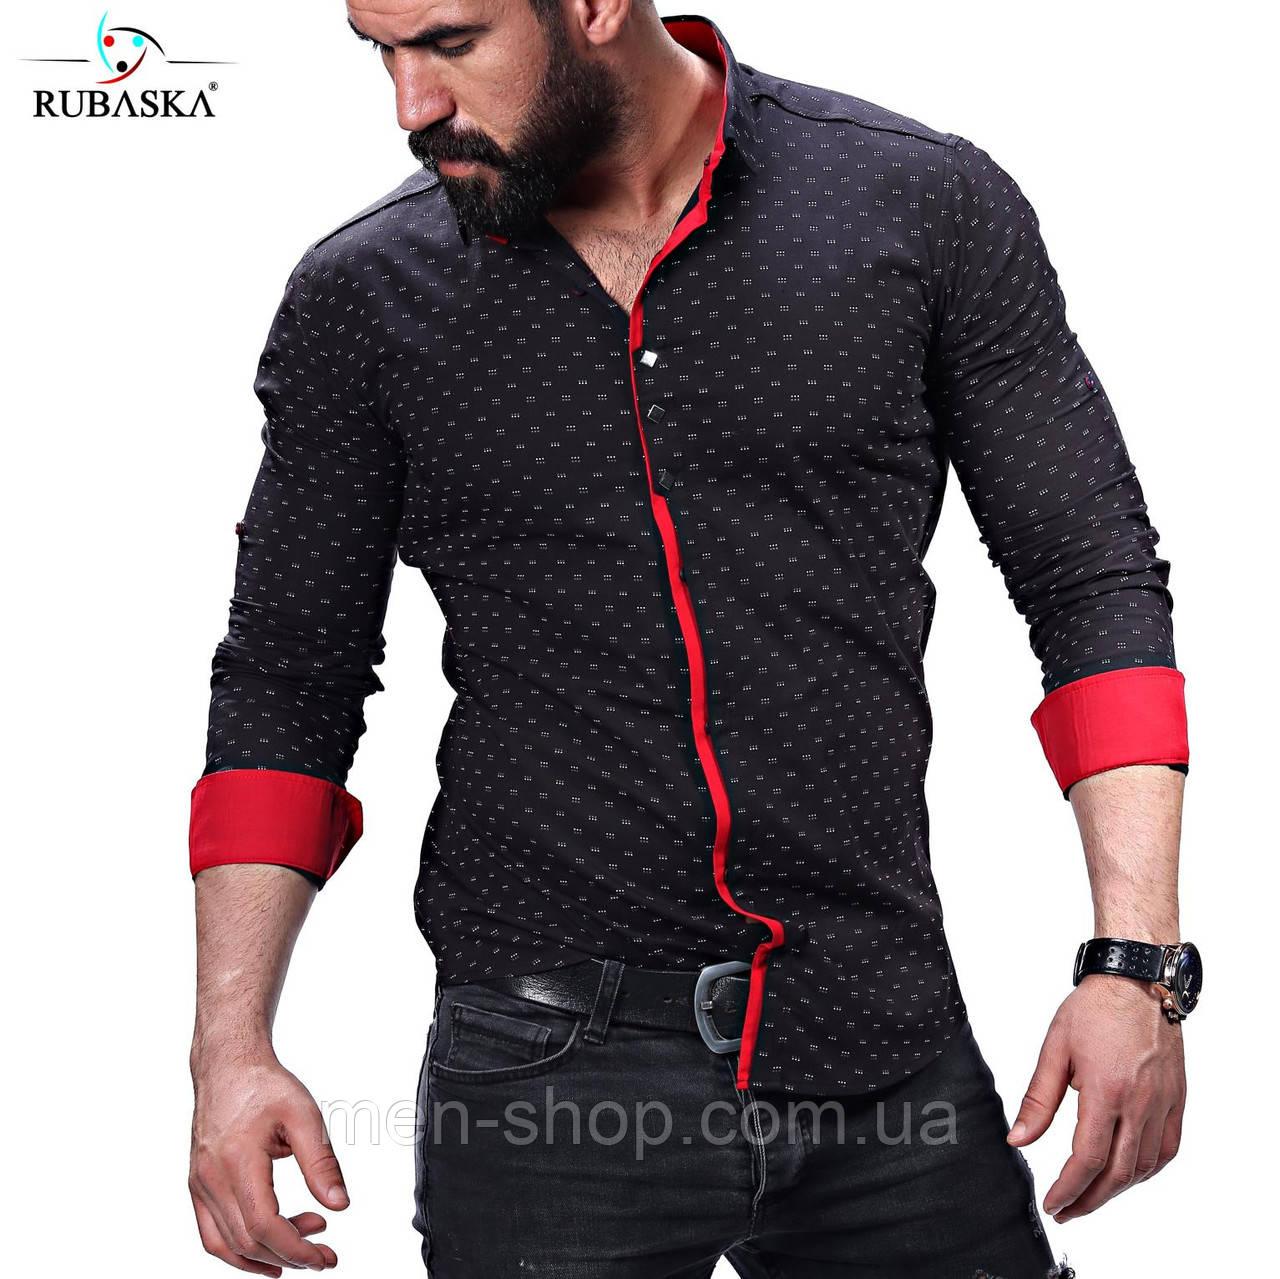 Стильная мужская рубашка в черном цвете